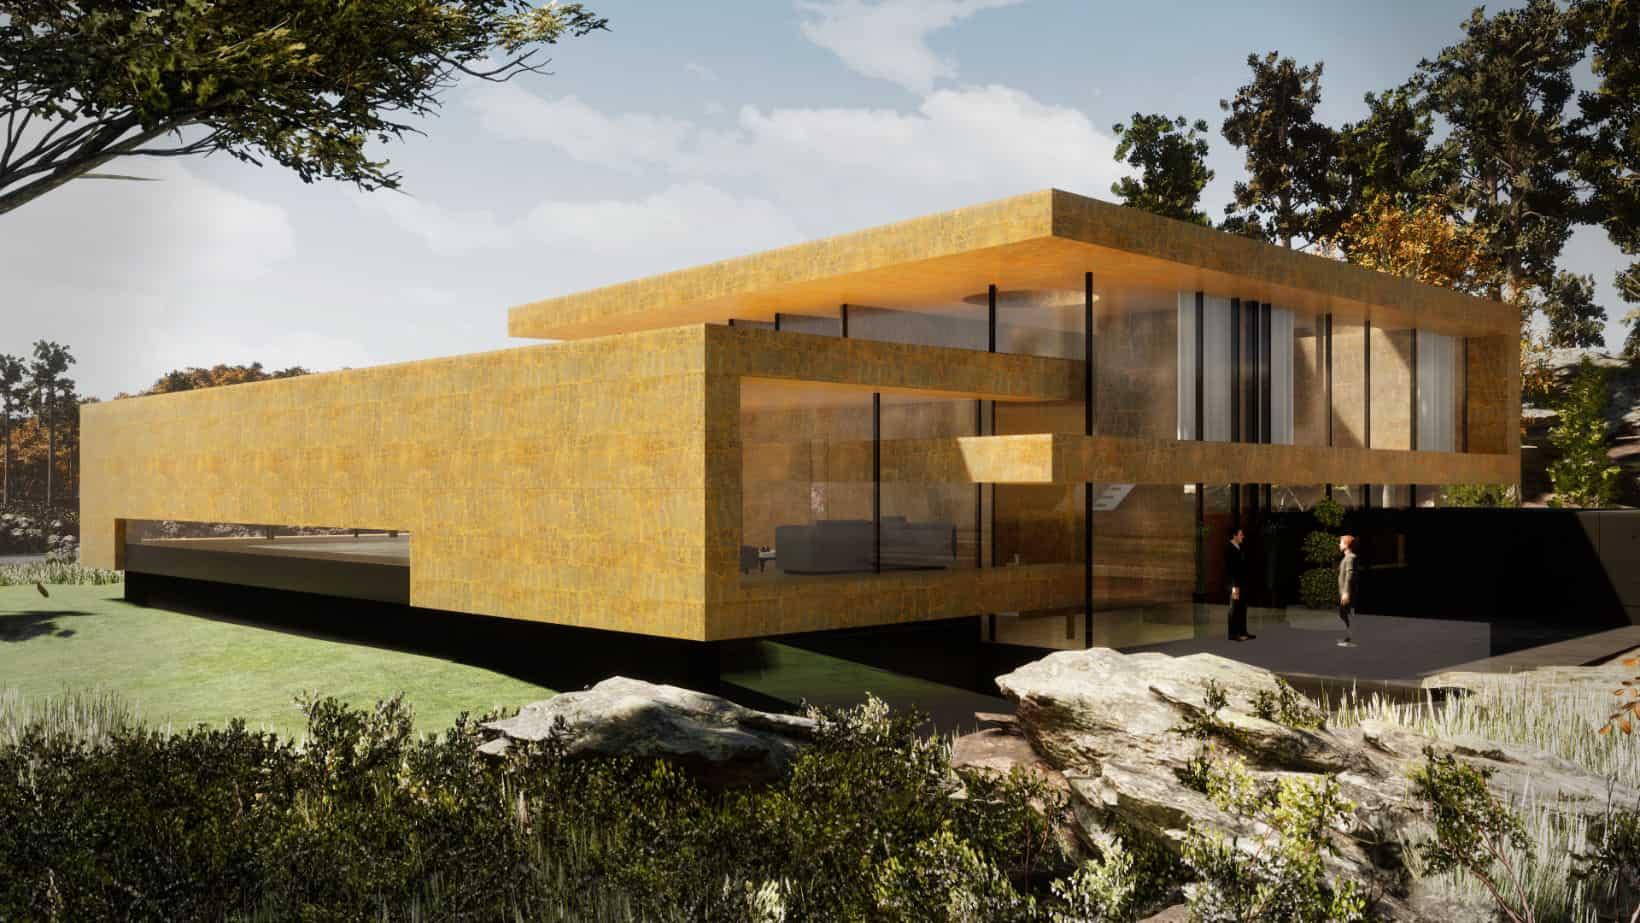 modernes Haus gelber Sandstein